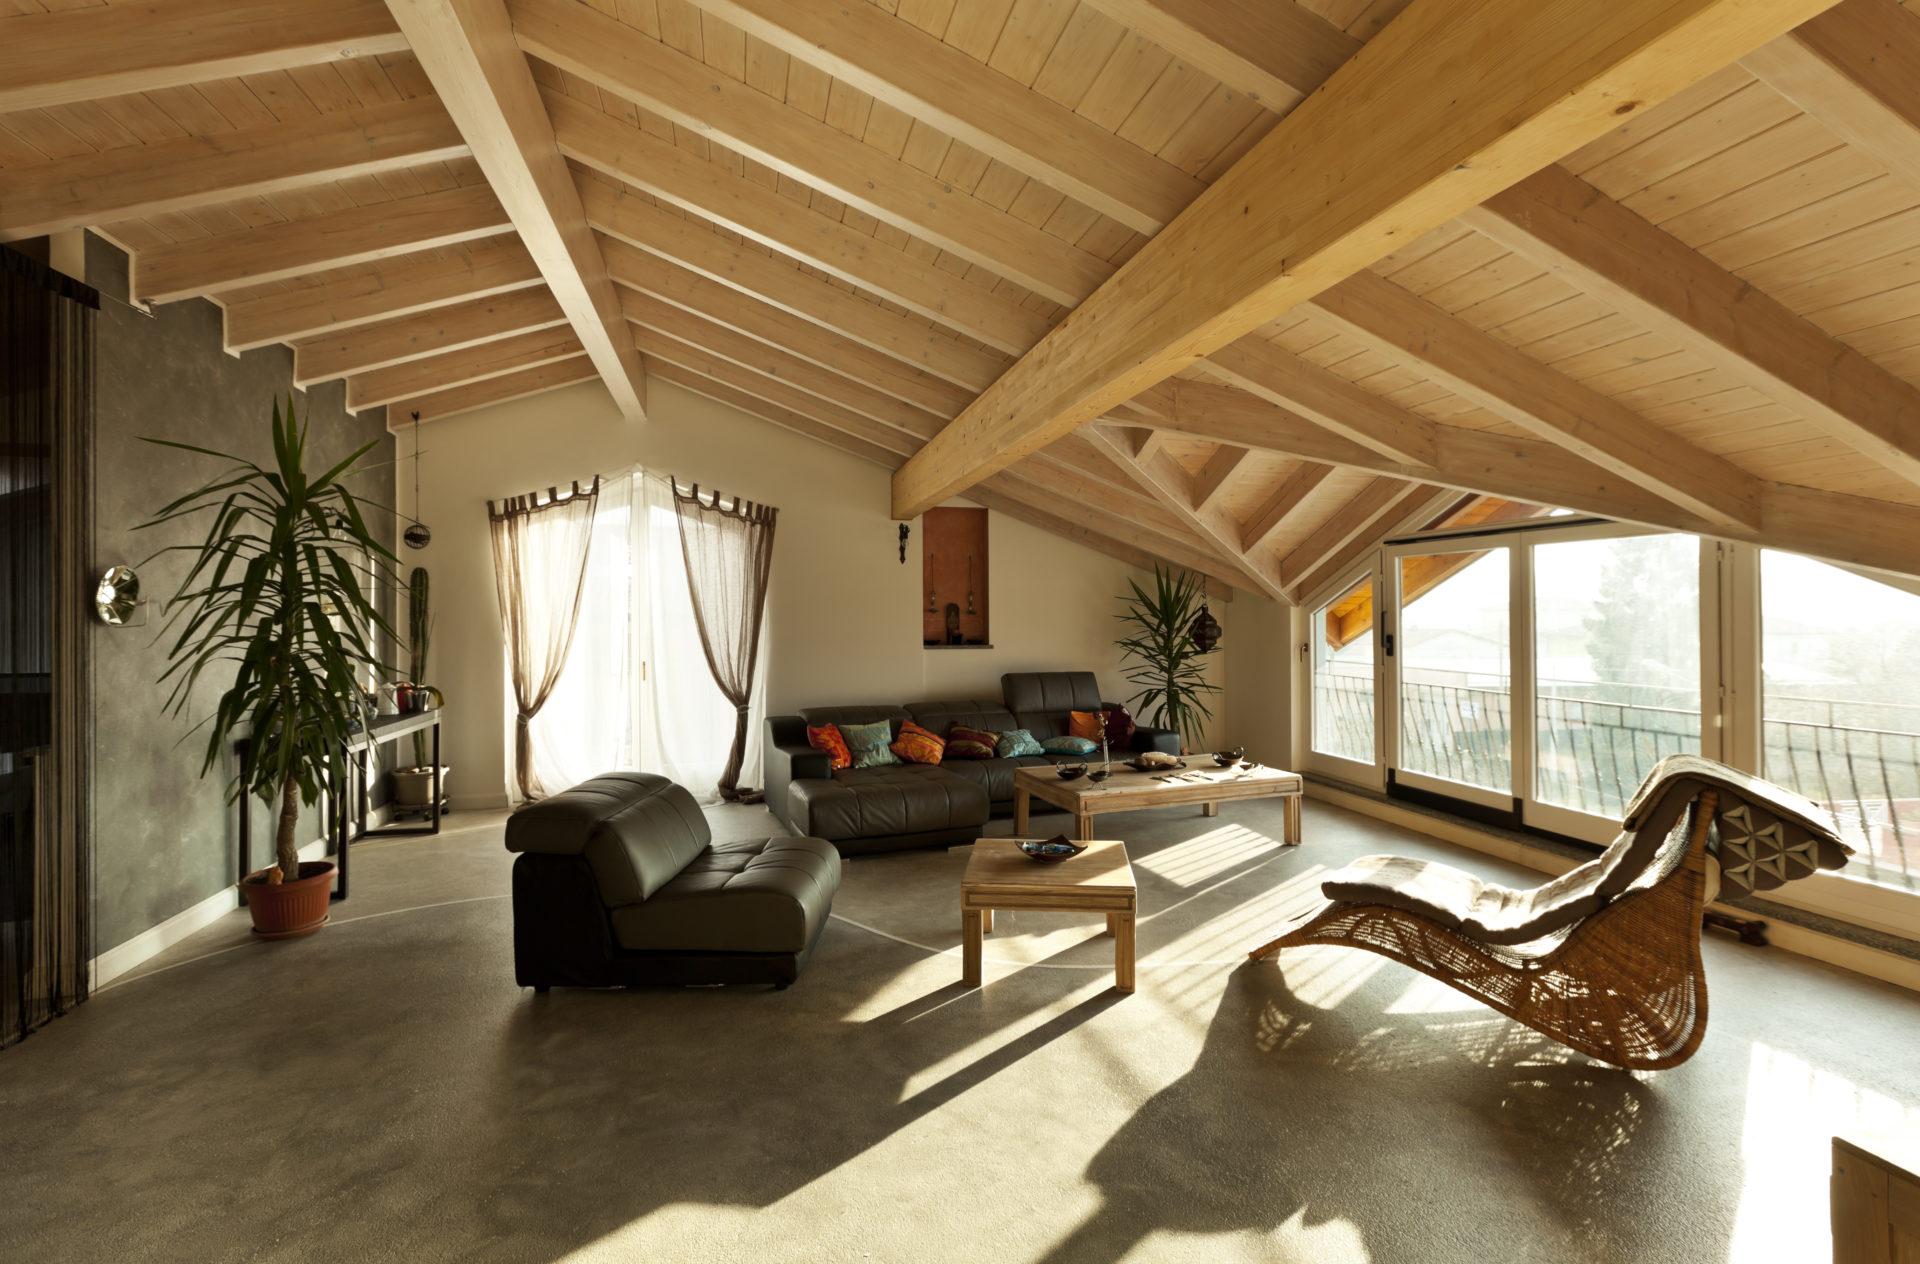 Une belle façon d'aménager des combles avec une décoration chaleureuse et des meubles confortables